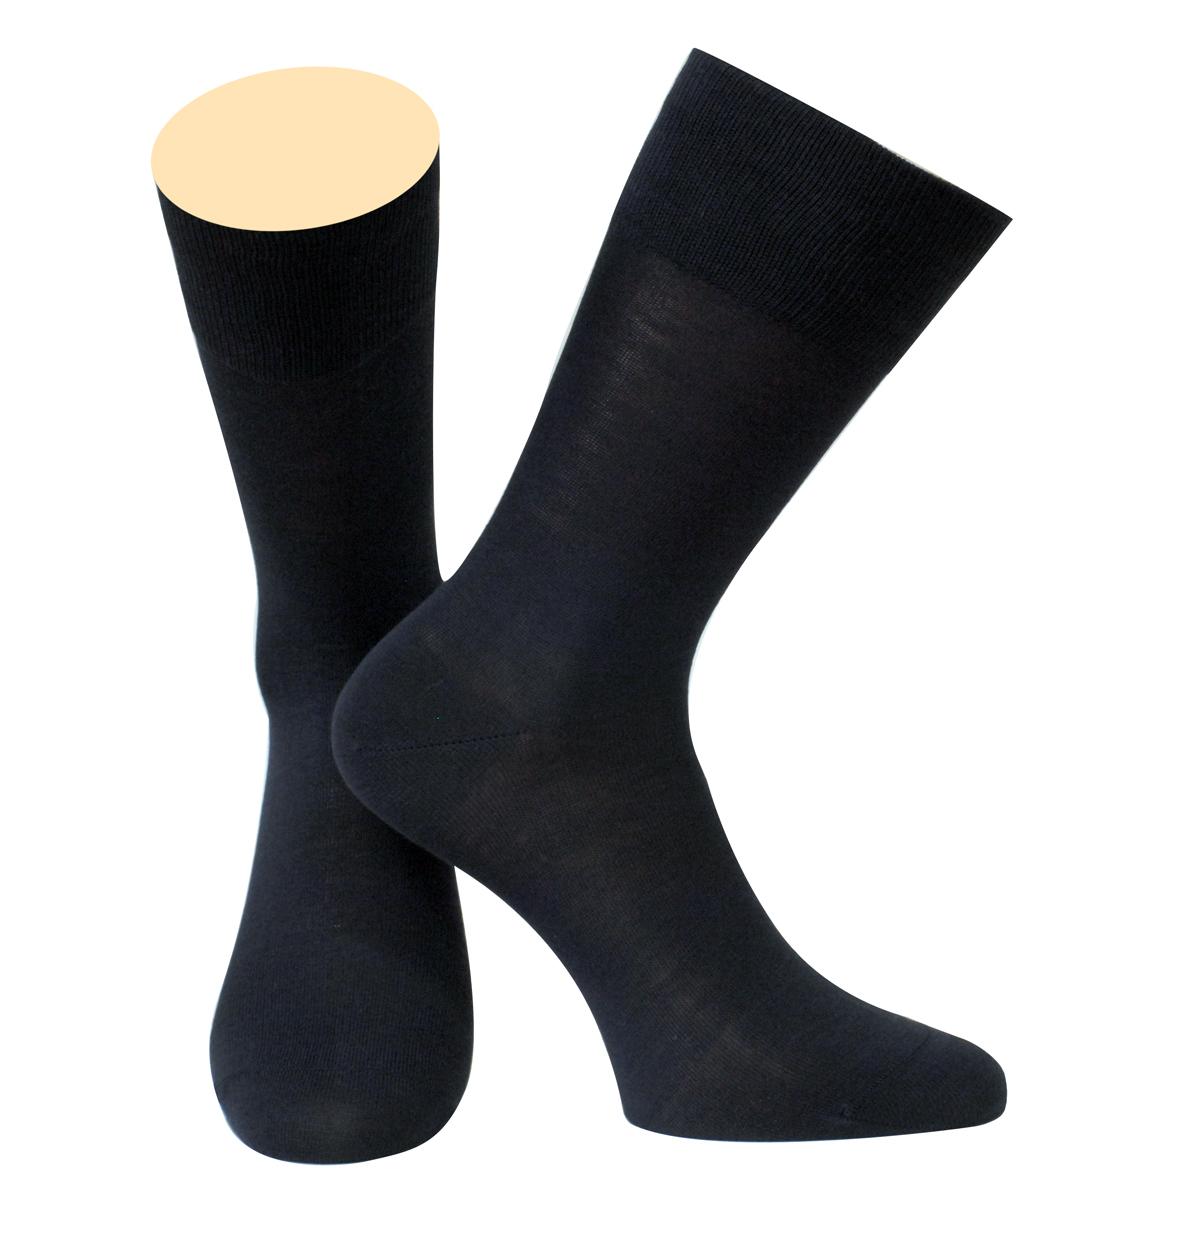 Носки мужские Collonil, цвет: черный. 142/01. Размер 42-43142/01Мужские носки Collonil изготовлены из мерсеризованного хлопка.Носки с удлиненным паголенком. Широкая резинка не сдавливает и комфортно облегает ногу.